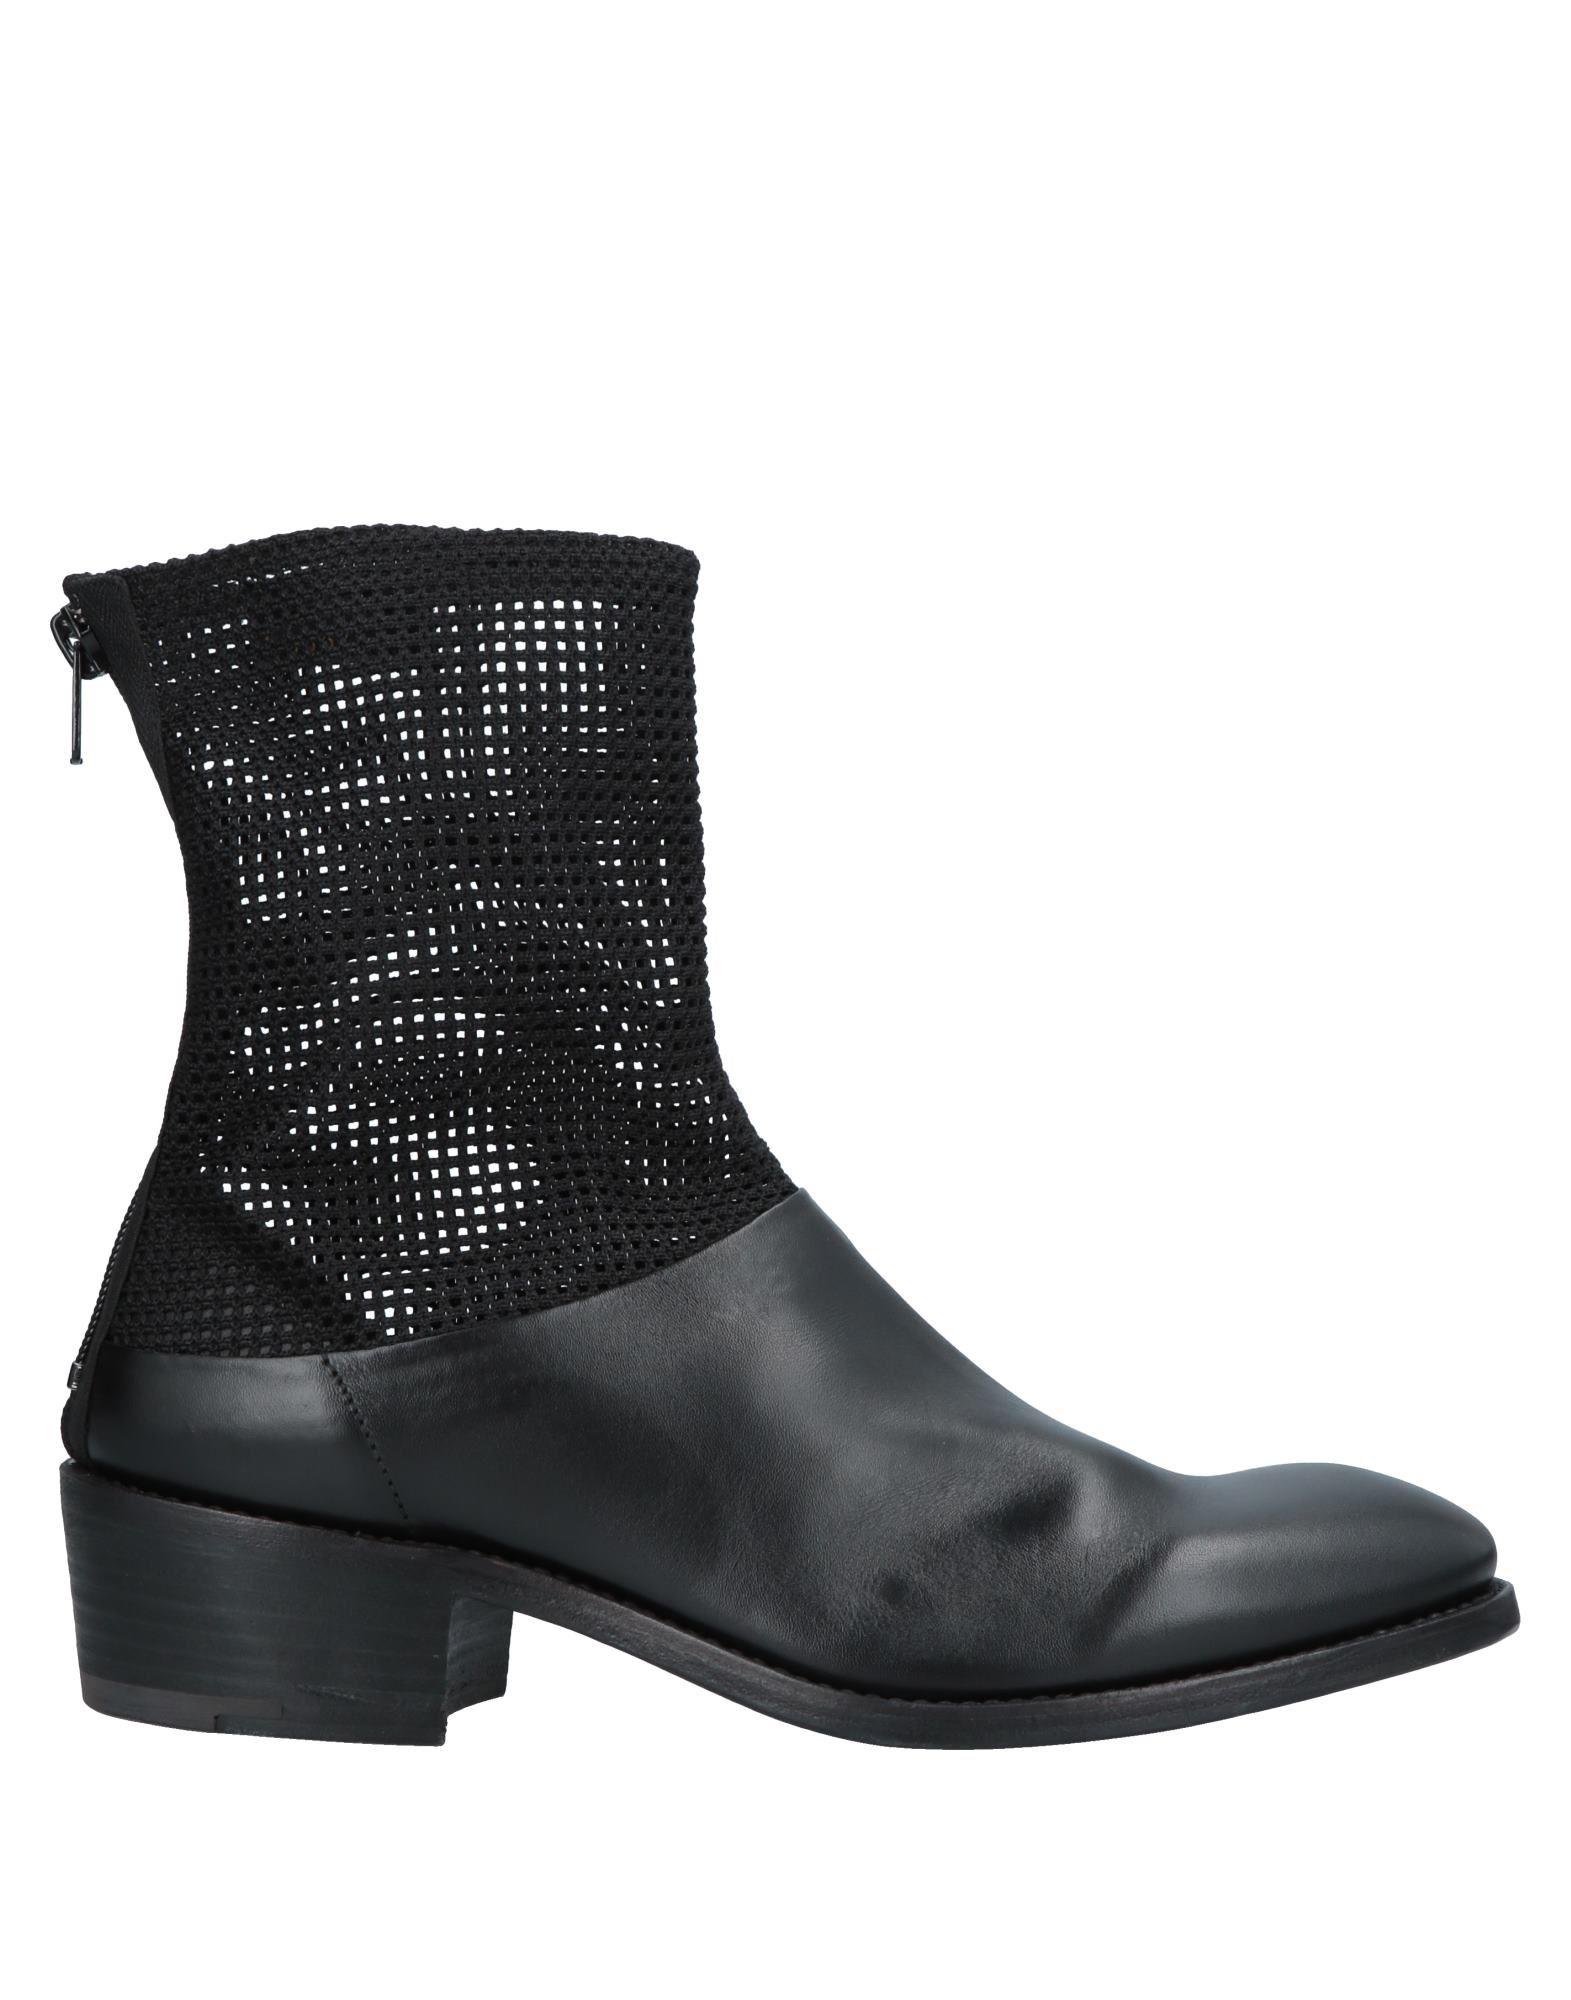 《送料無料》PREMIATA メンズ ショートブーツ ブラック 7 紡績繊維 / 革